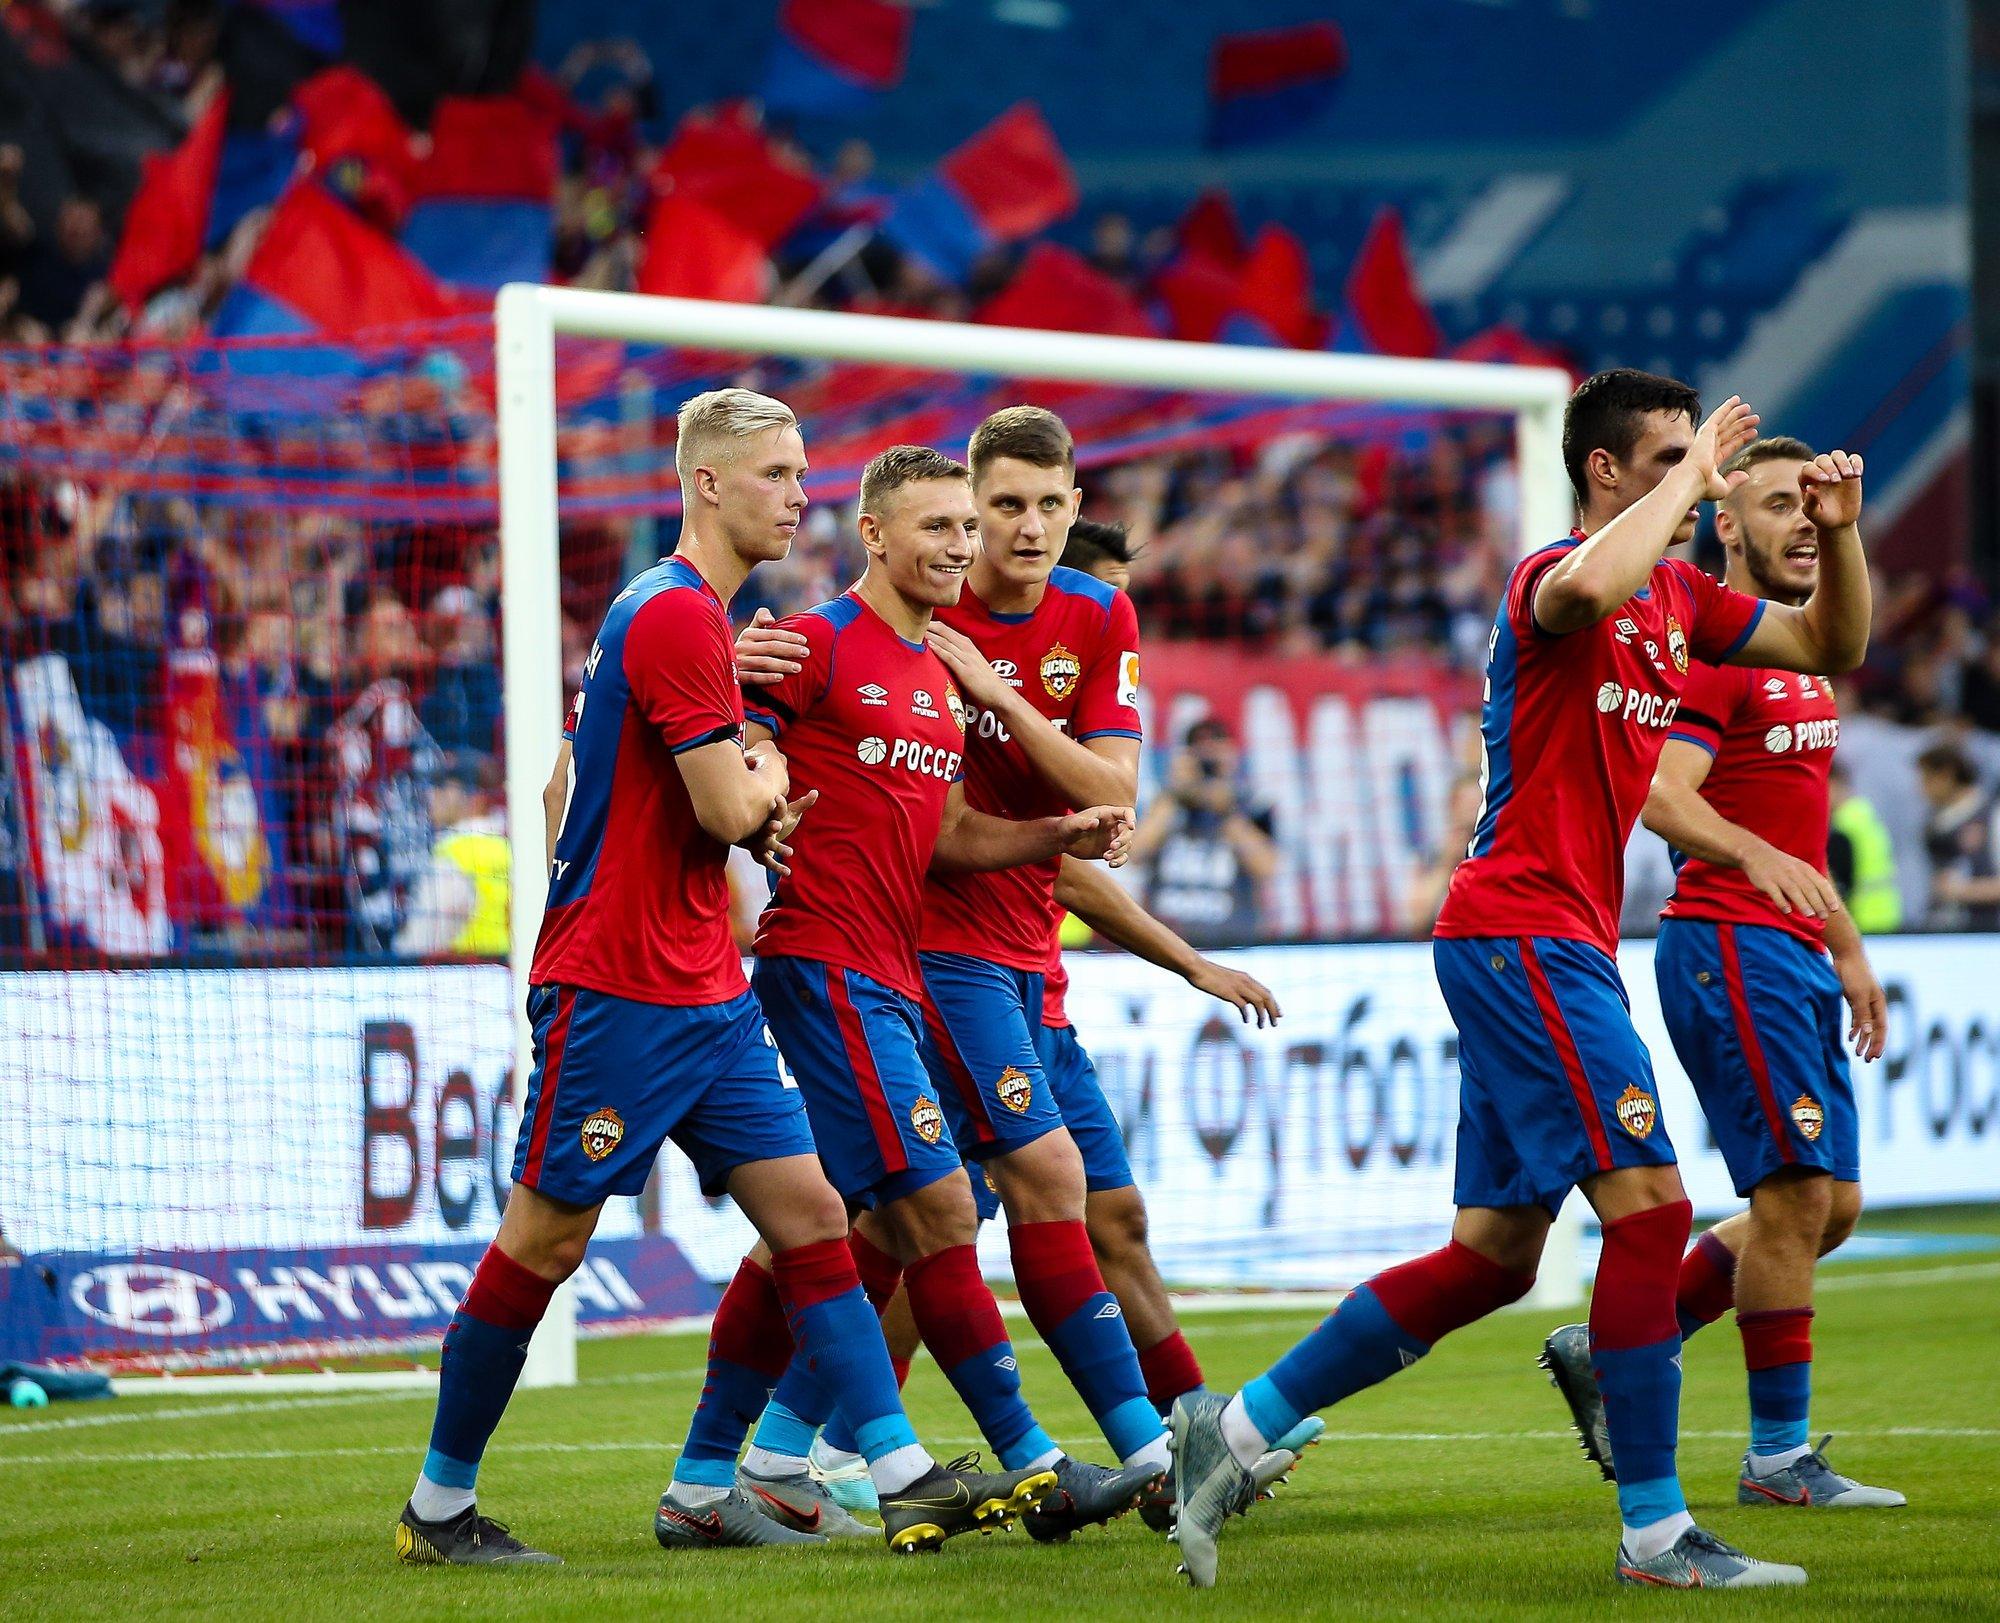 ЦСКА — «Рубин»: прогноз и ставка Евгения Ловчева